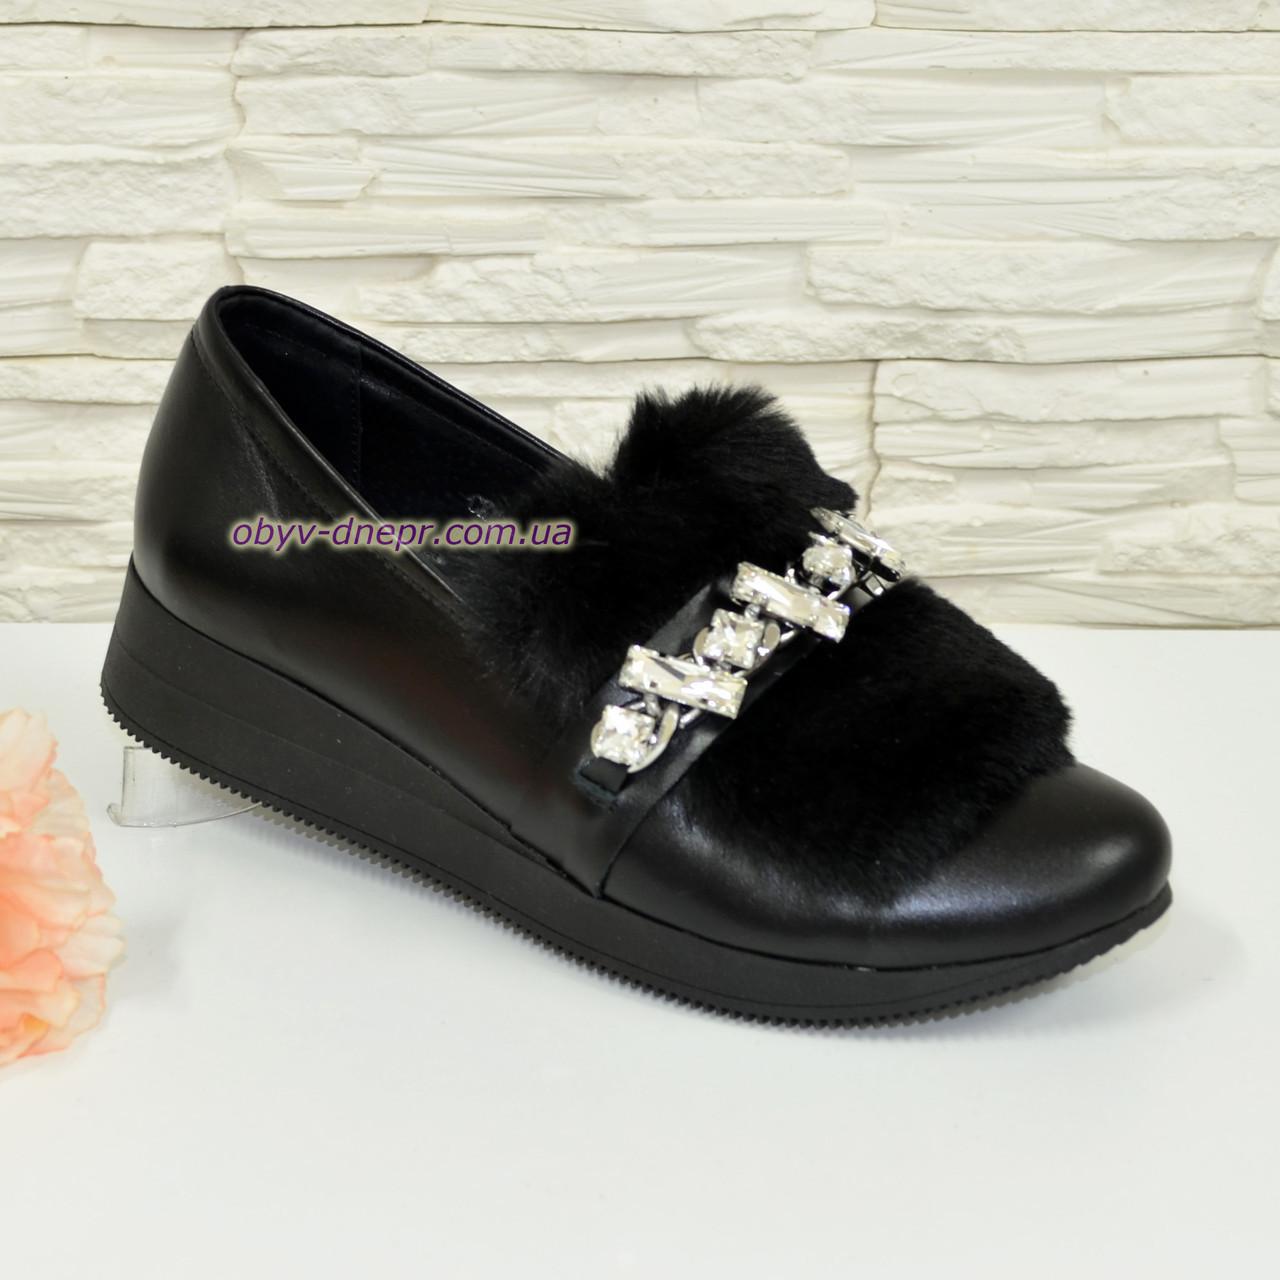 9ca863d5c Женские черные кожаные туфли, декорированы мехом с фурнитурой. 37 размер